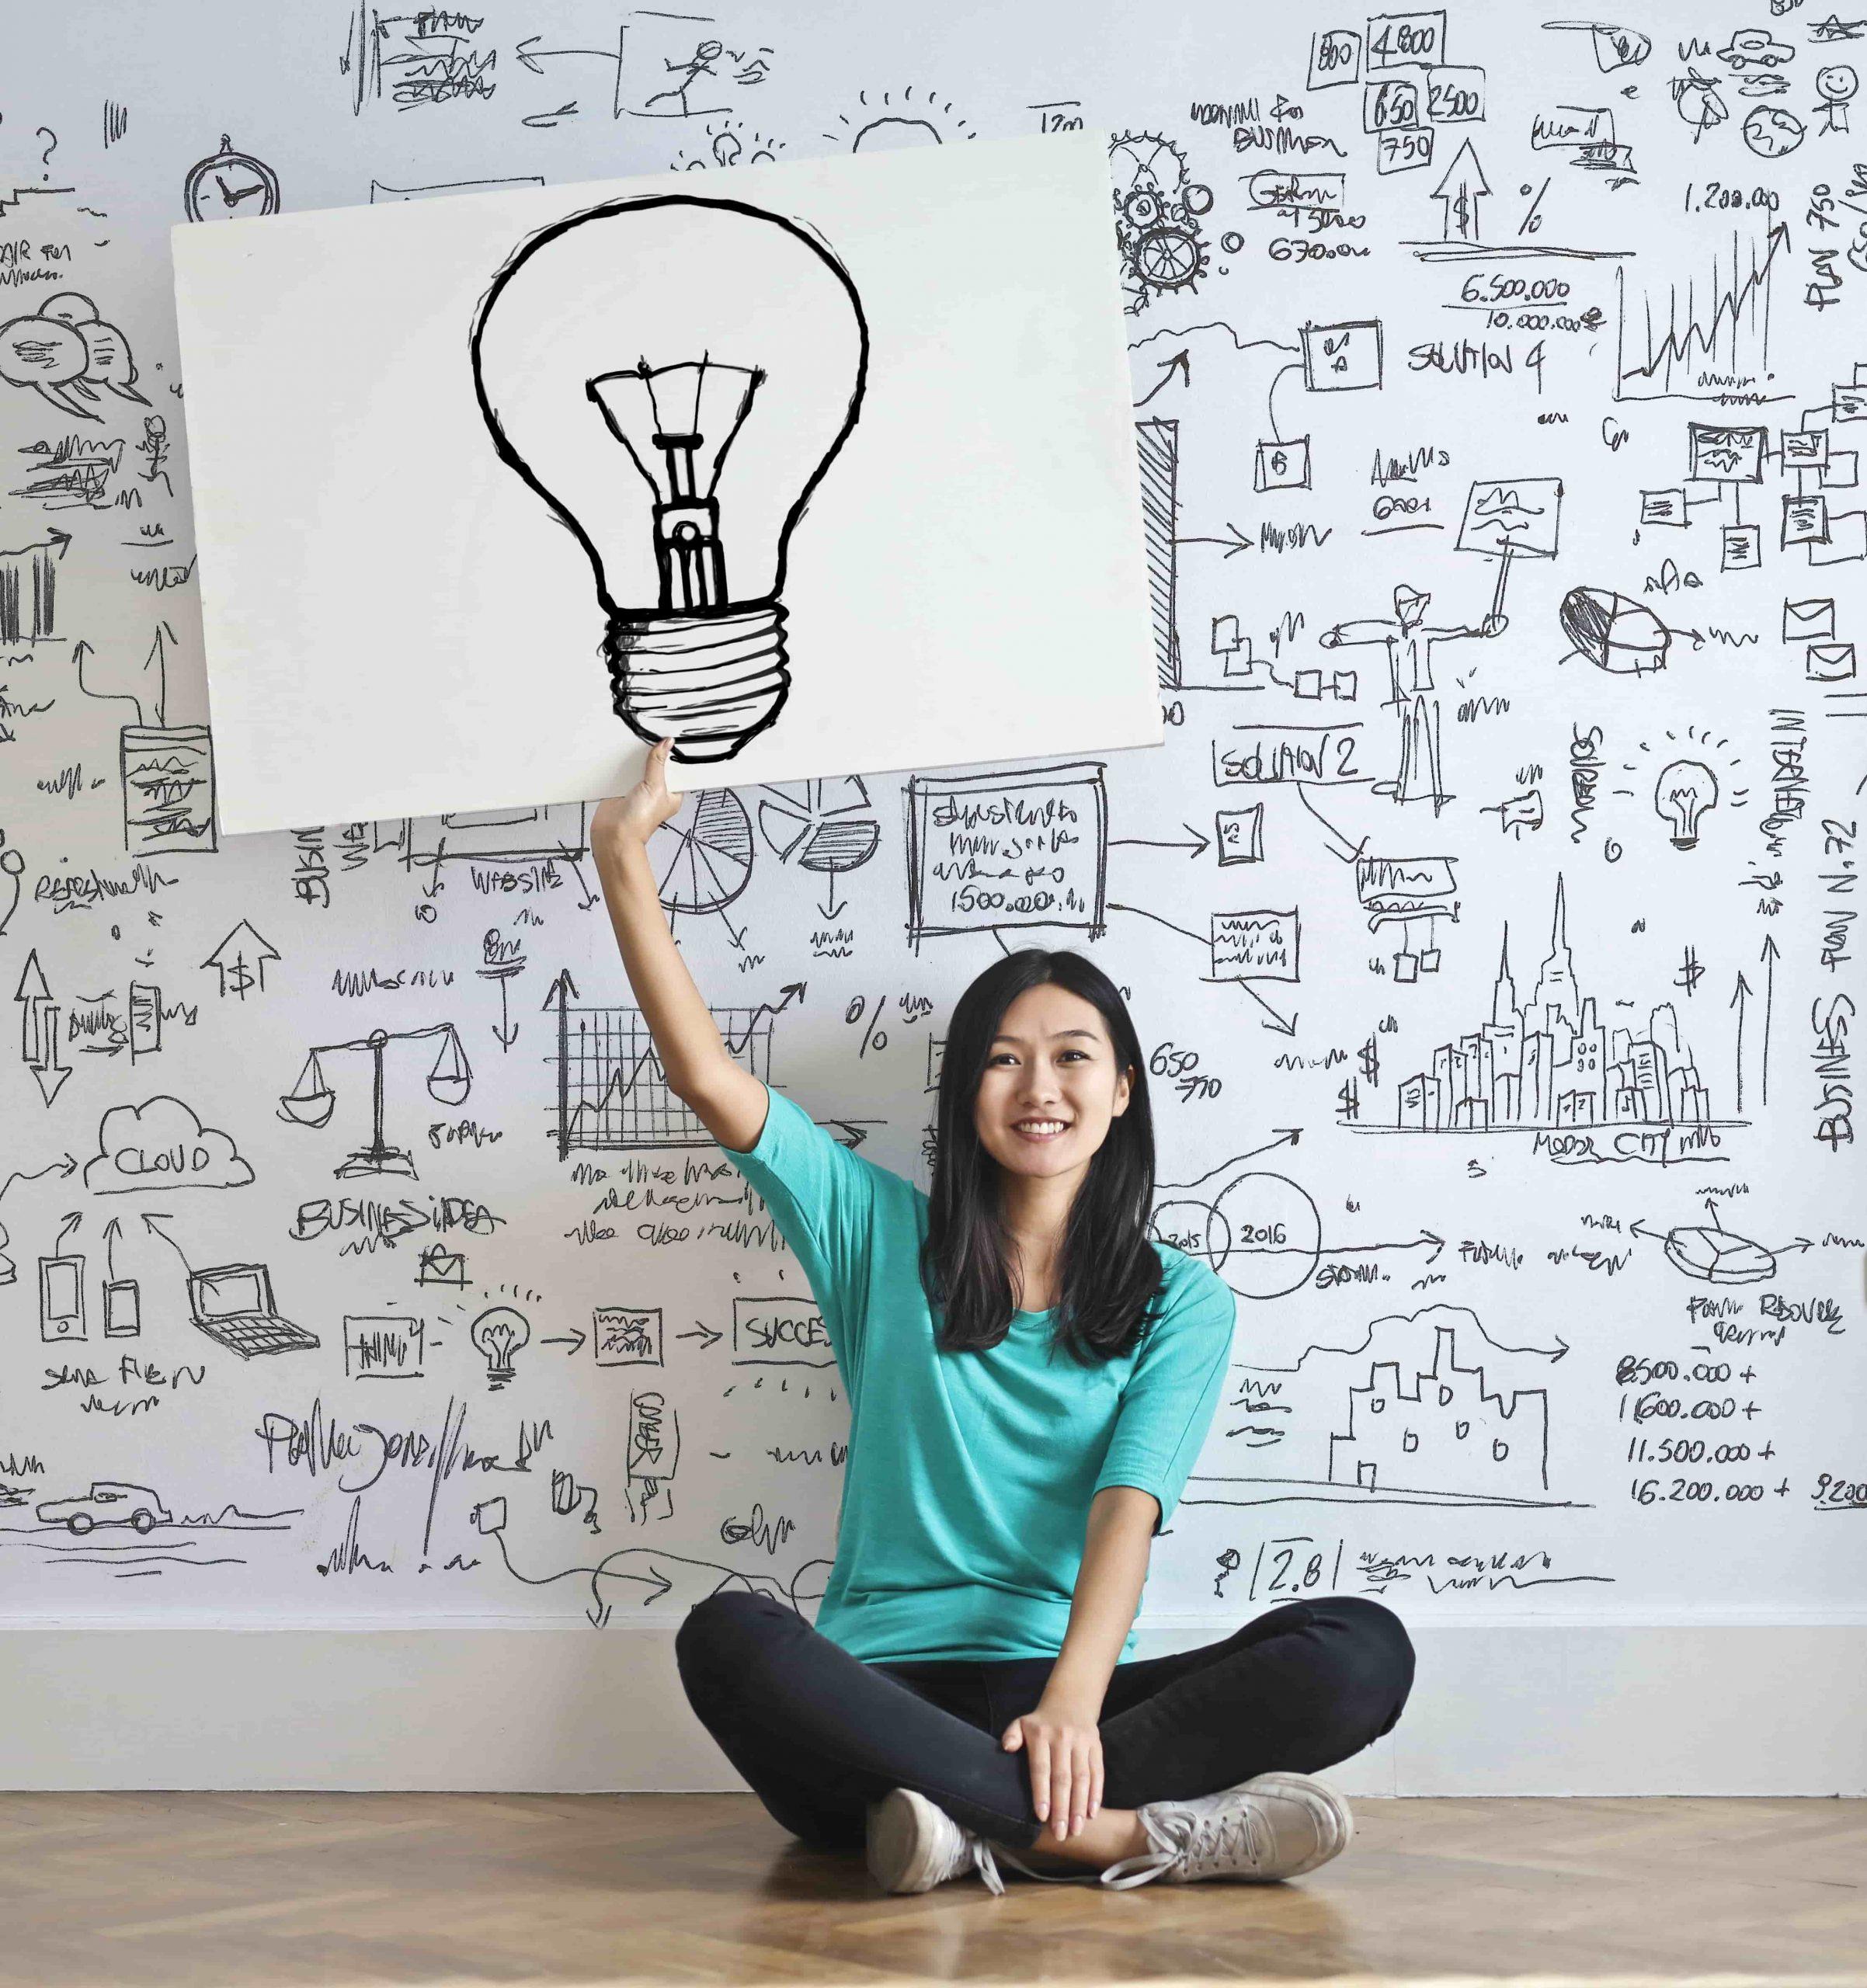 Business Idea Make Money Online - Business John